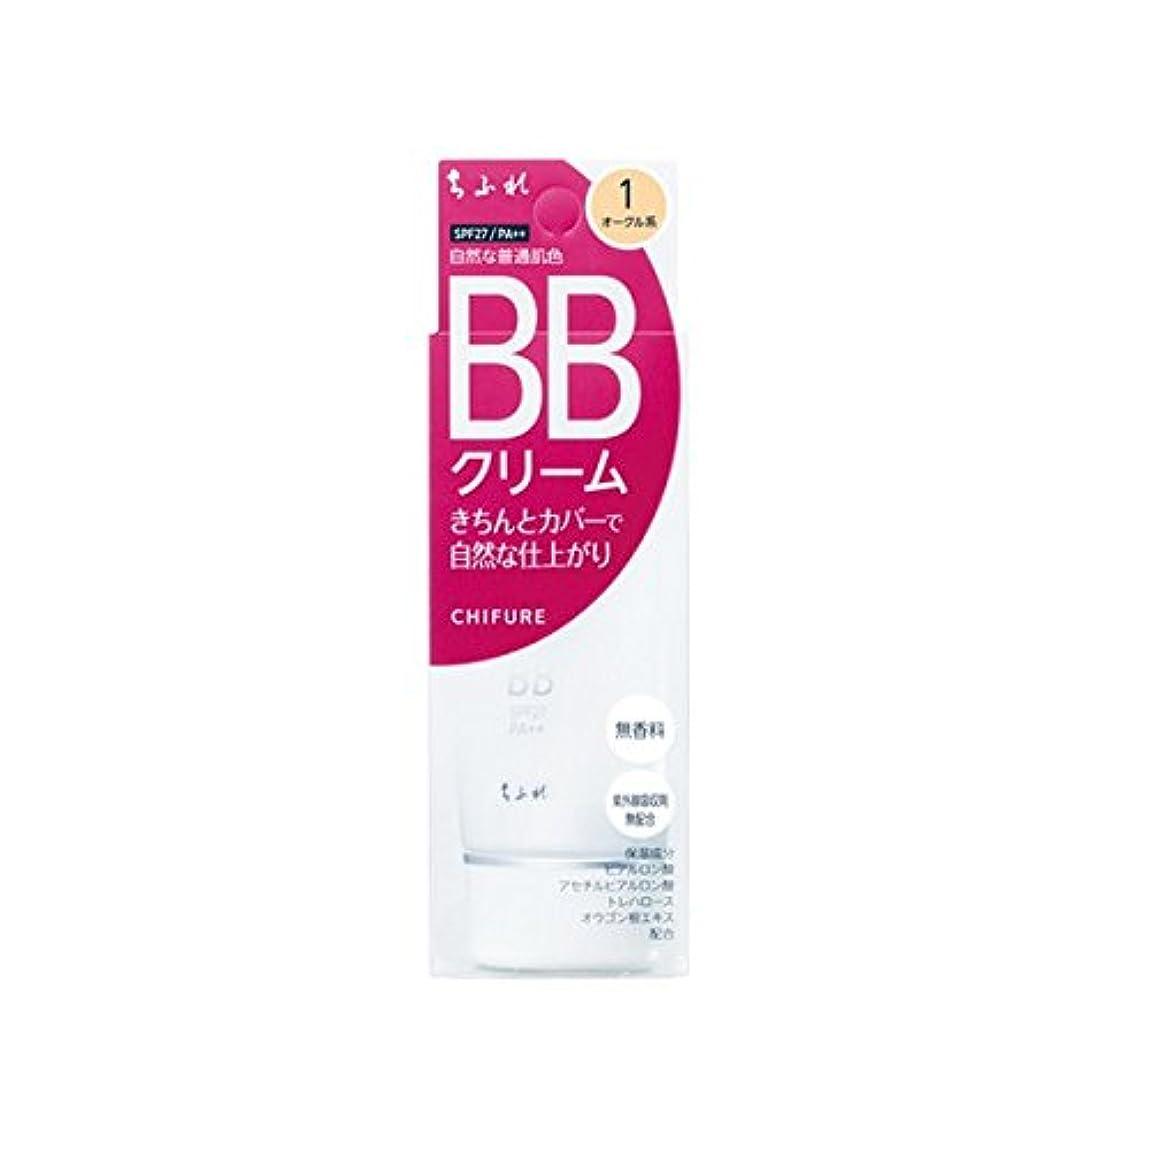 代わりにを立てる減らすゴシップちふれ化粧品 BB クリーム 1 自然な普通肌色 BBクリーム 1